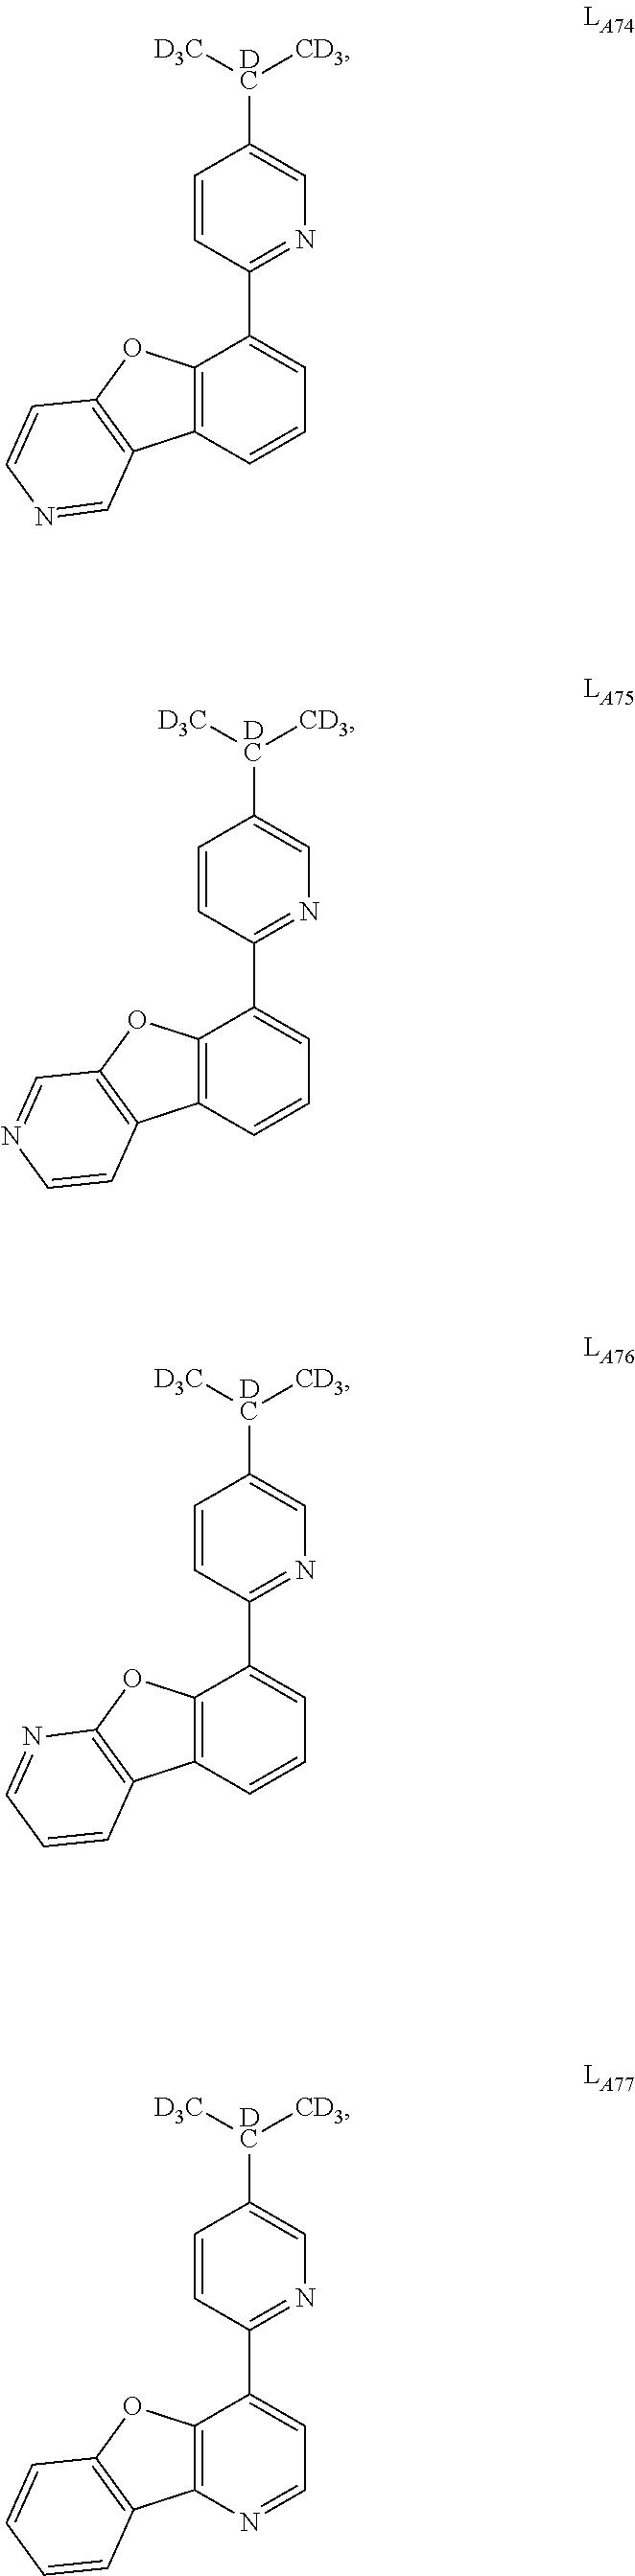 Figure US09634264-20170425-C00066